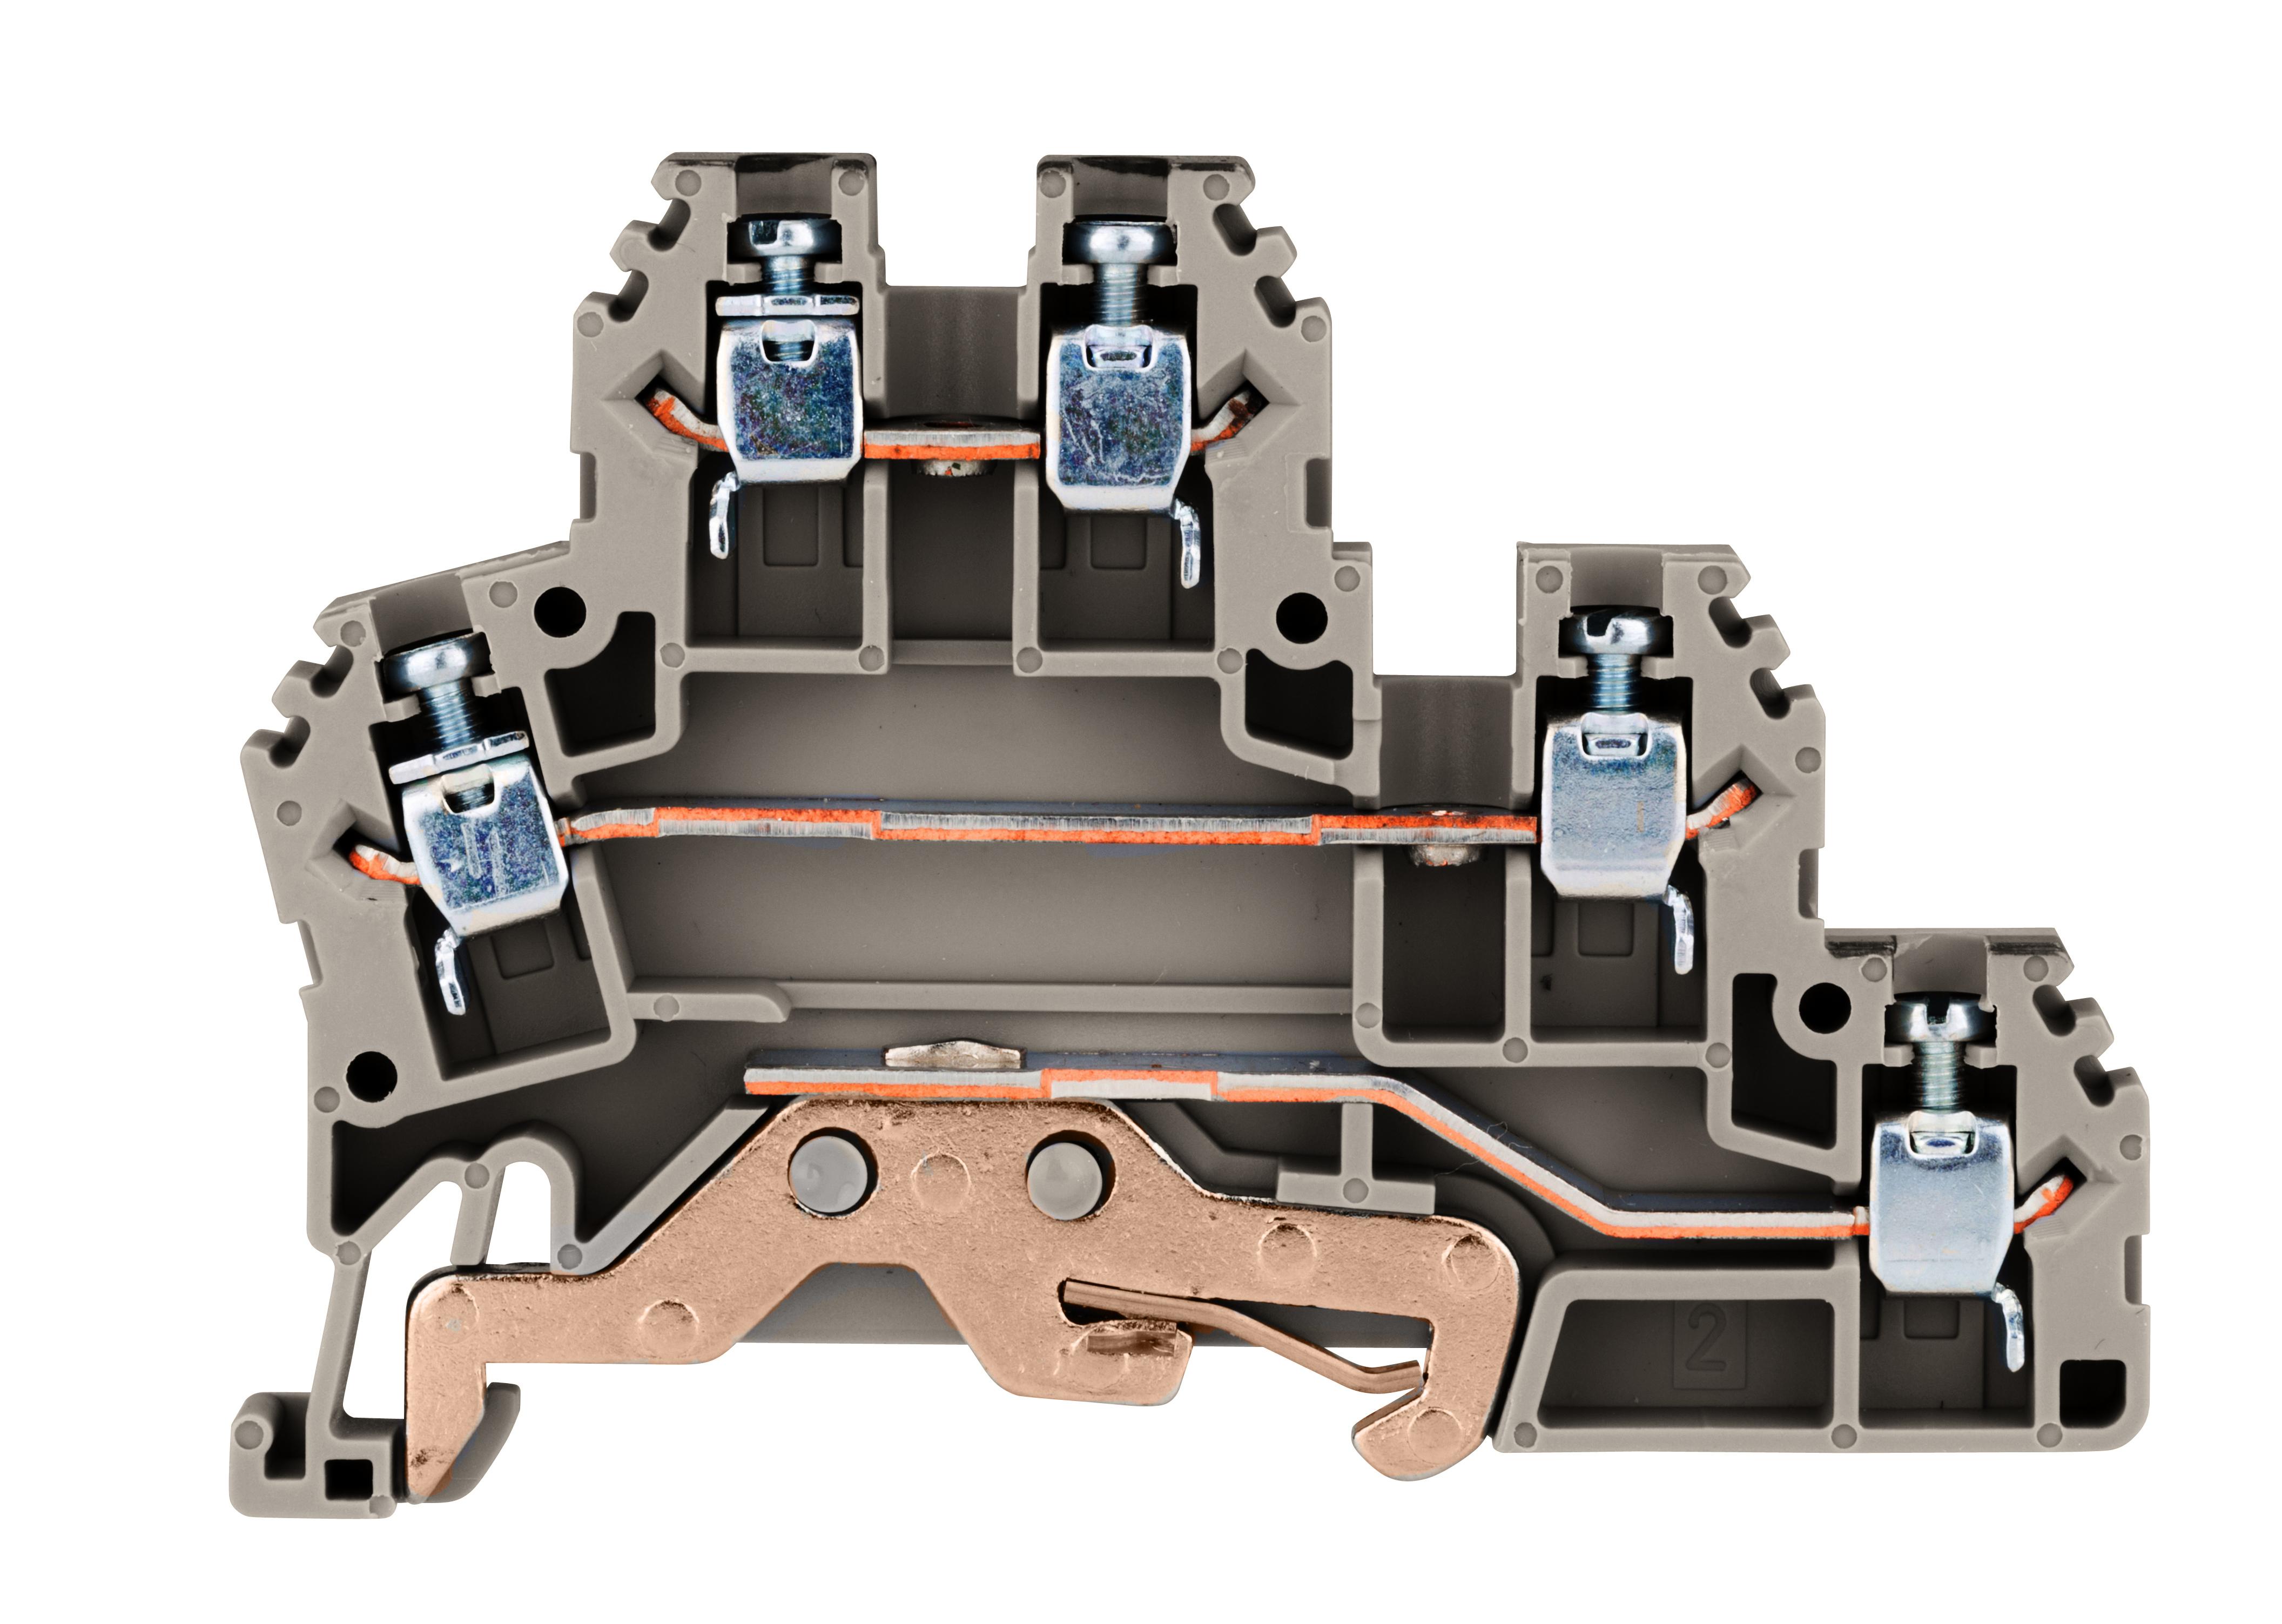 1 Stk Dreistockklemme 2,5mm² (L/N/PE), Type PUK 2 T grau IK680002--